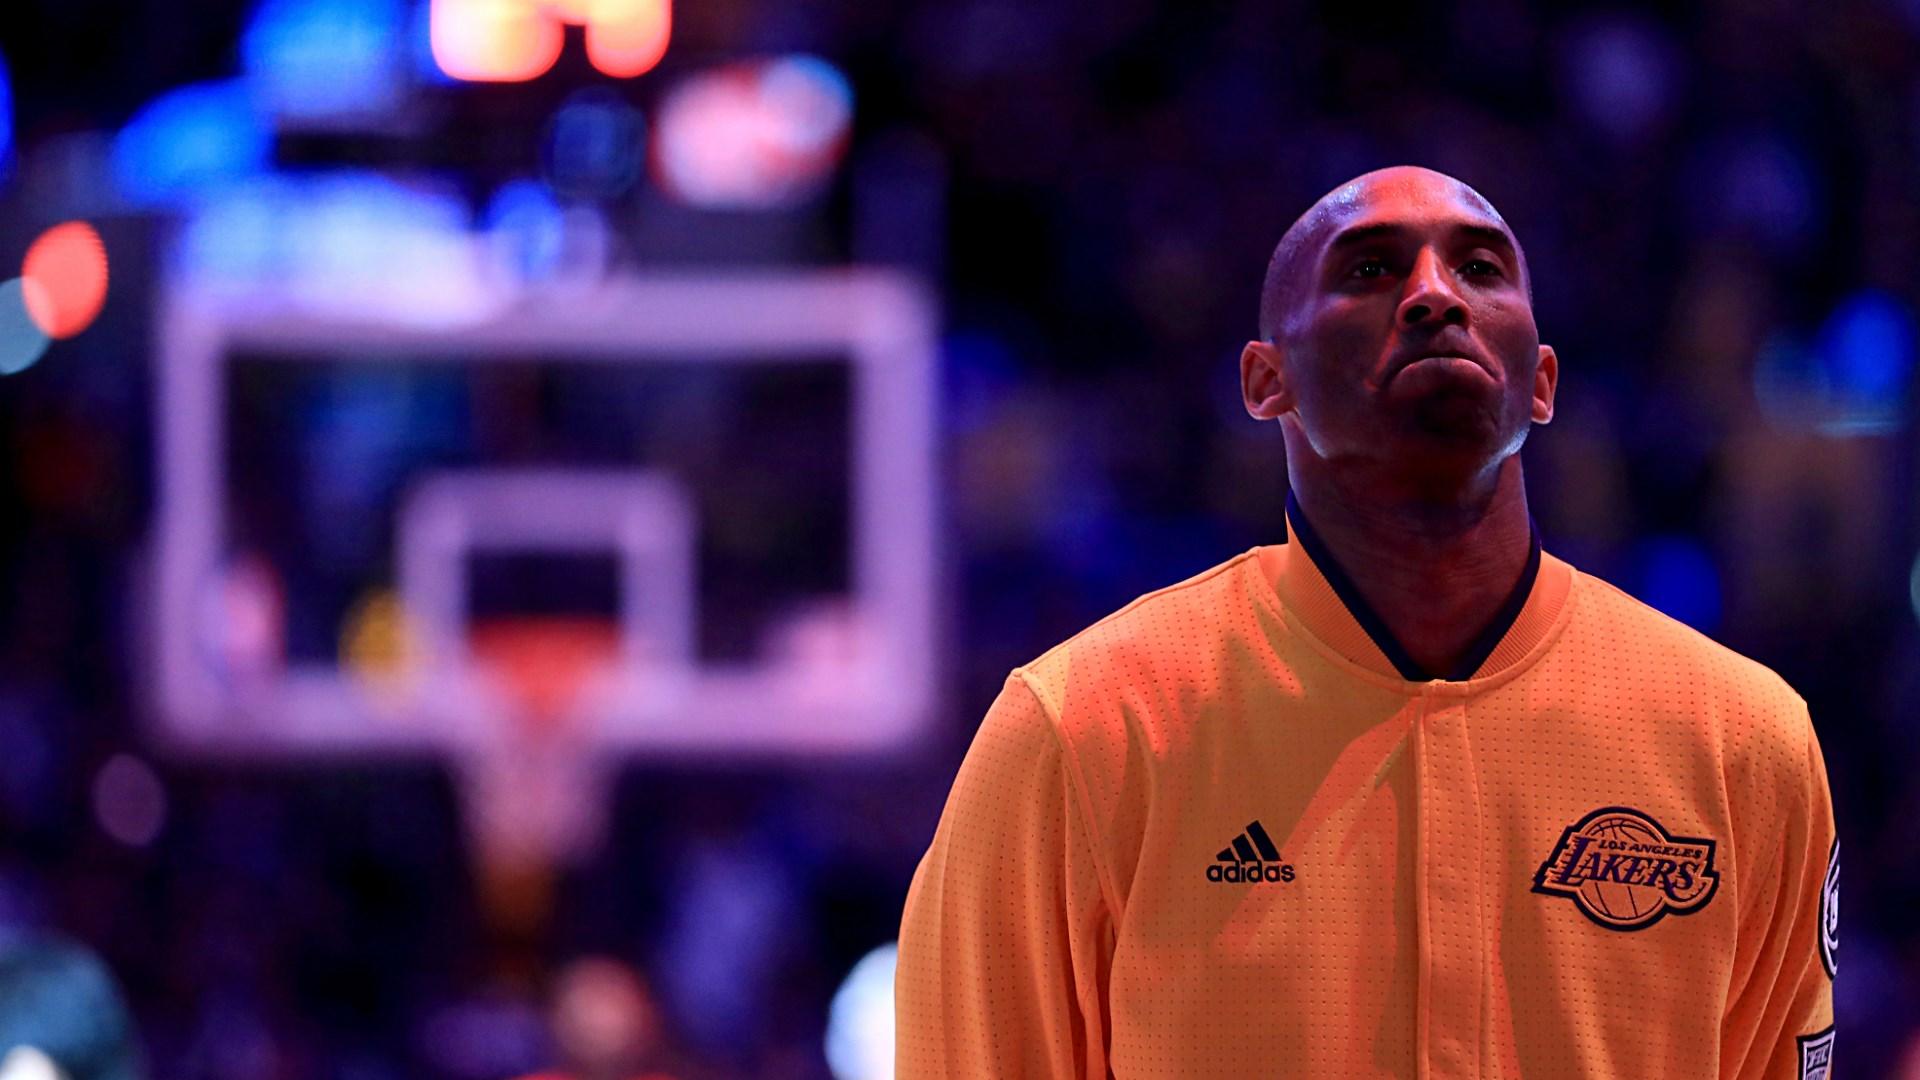 Kobe Bryant Lakers Widescreen Computer Wallpaper 542 ...